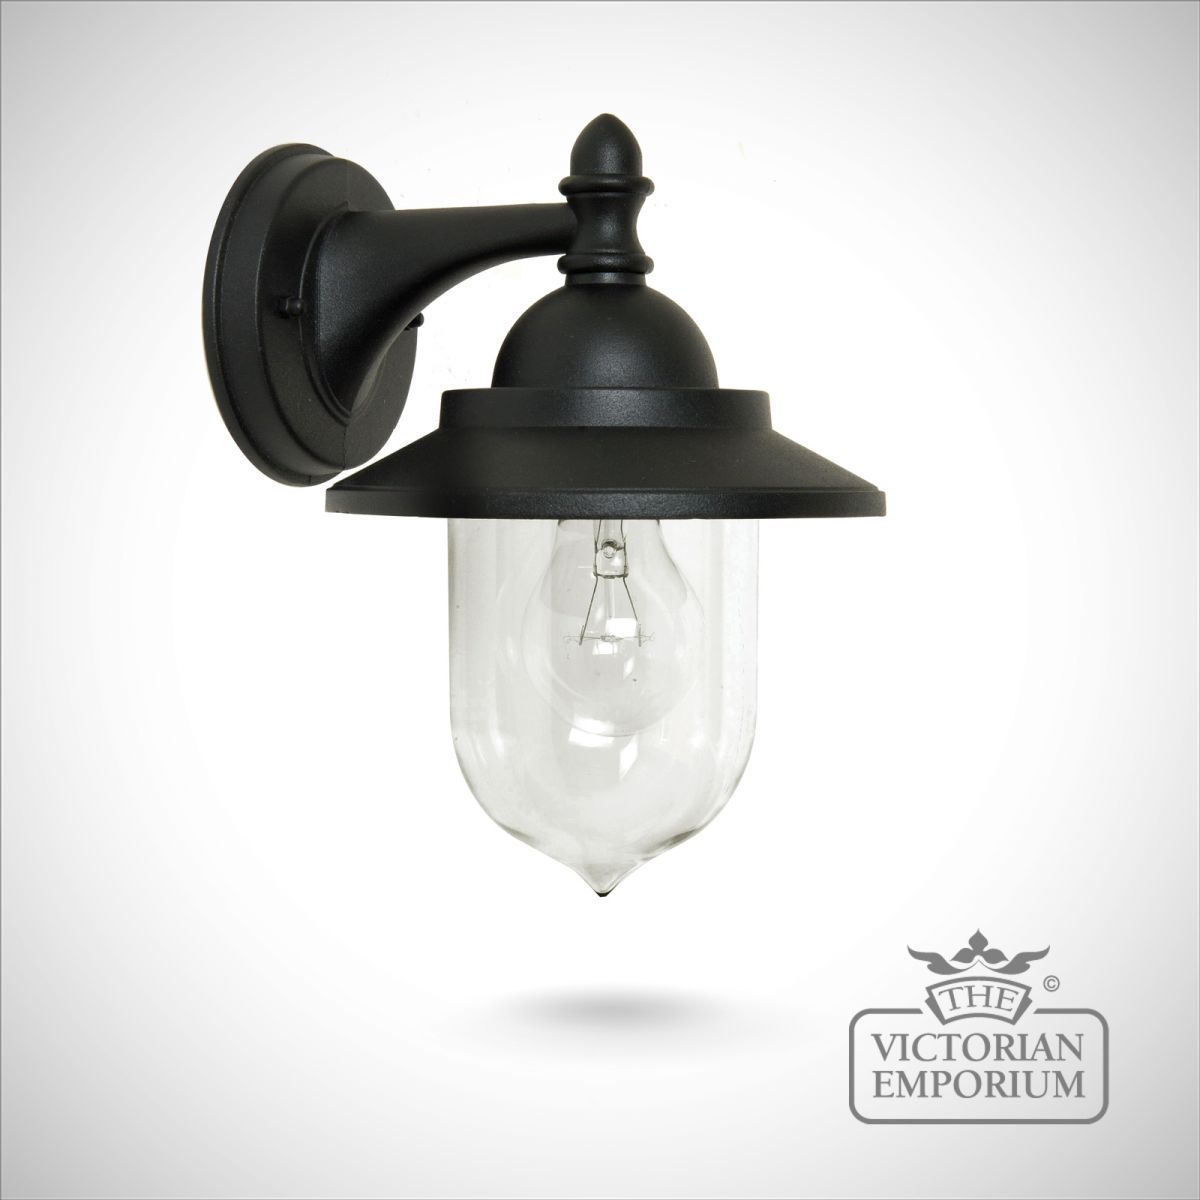 Buy Sandown wall lantern Outdoor Wall Lights